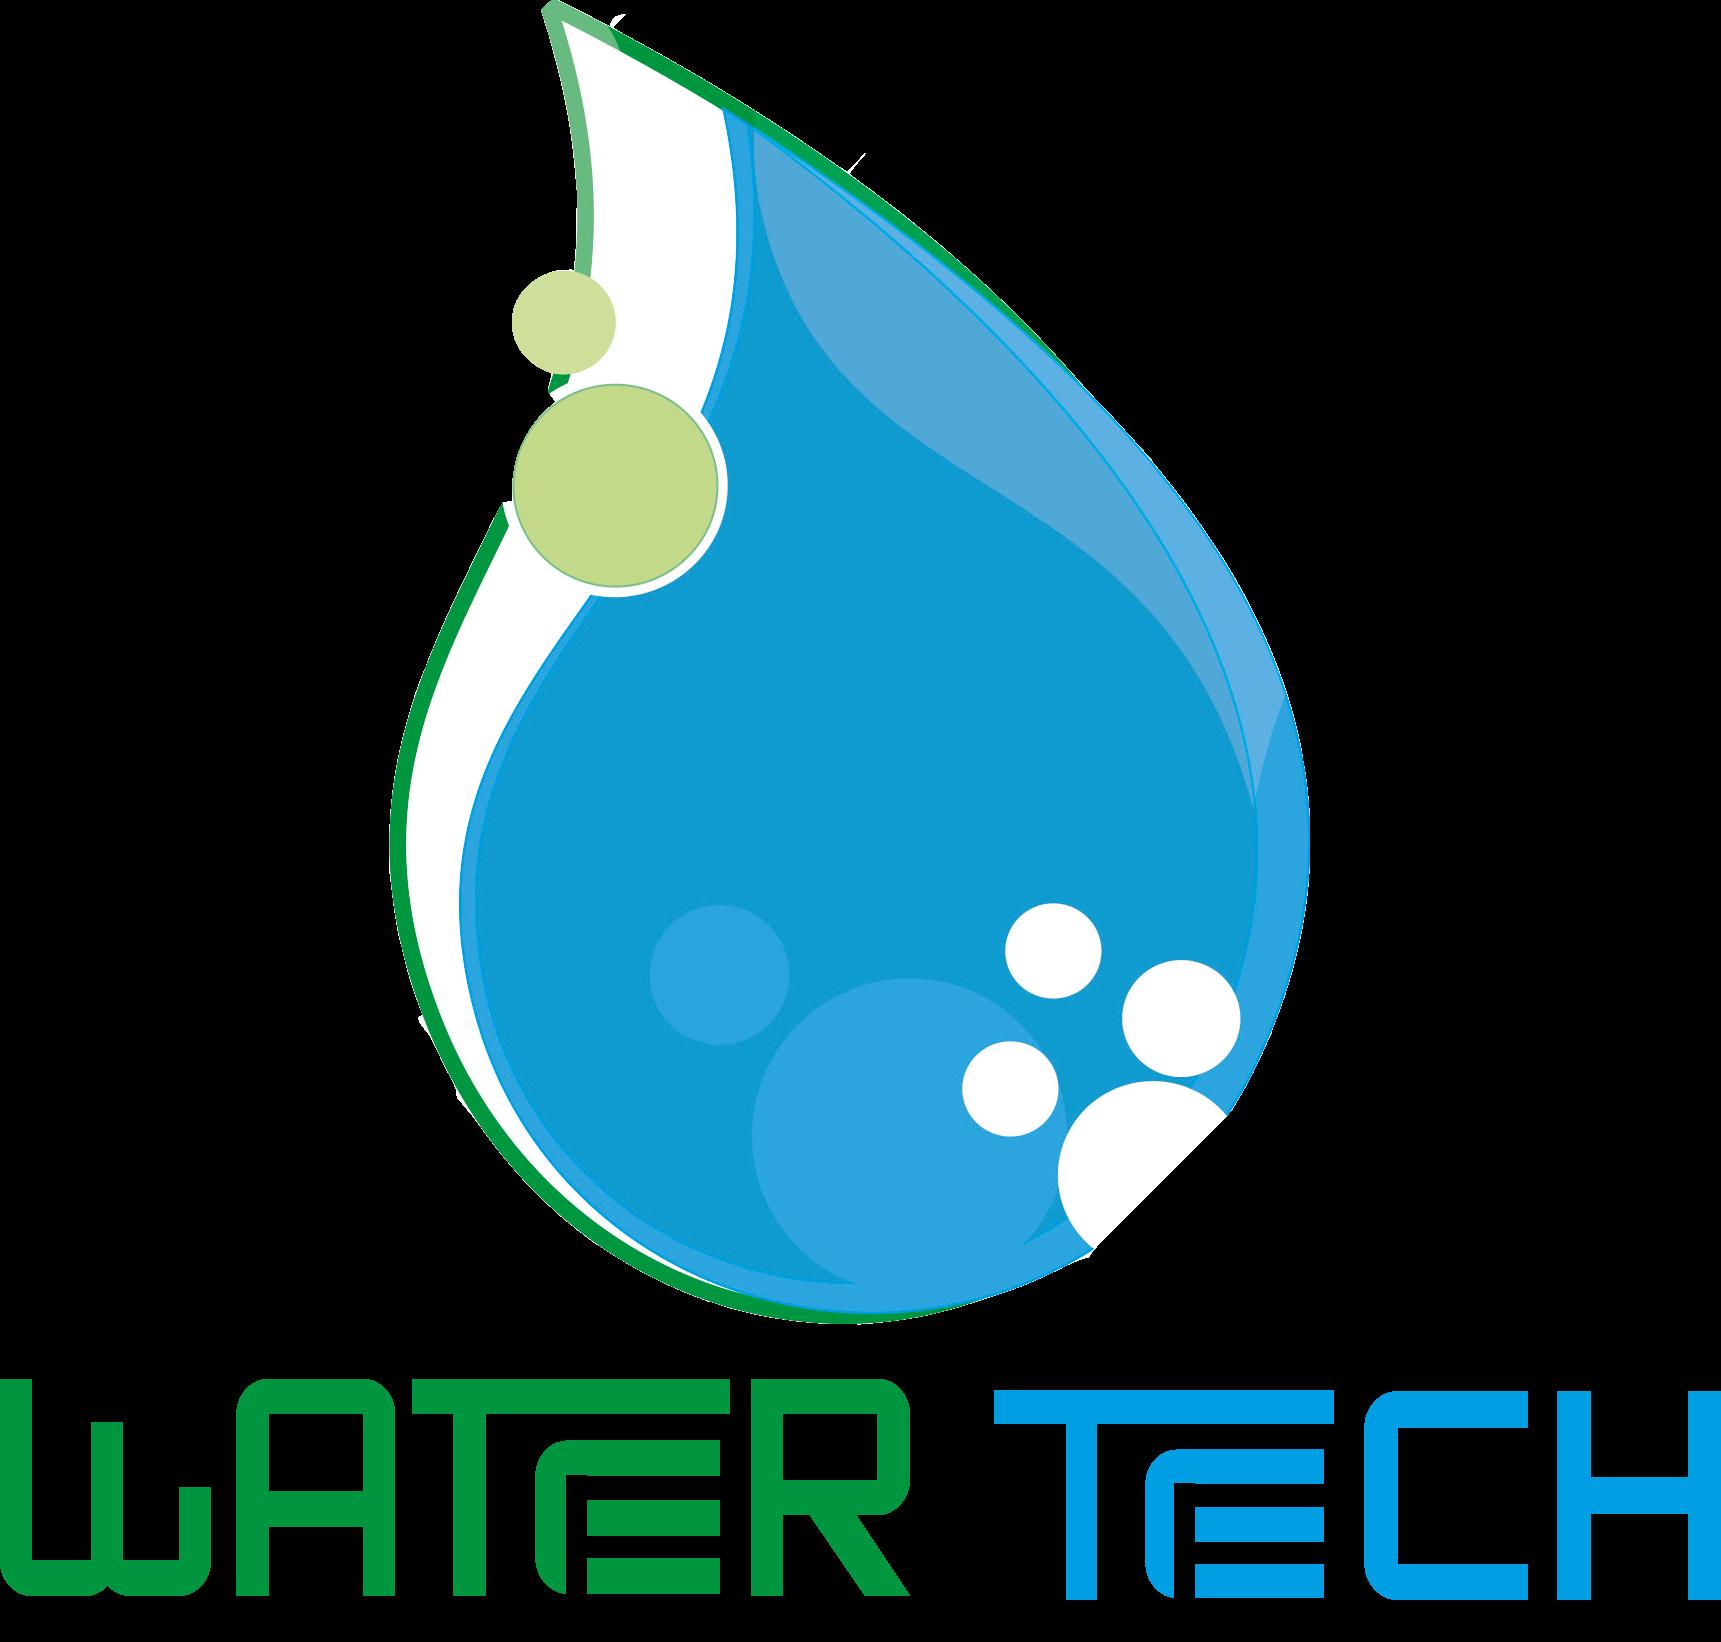 Water Tech Egypt-Official Website